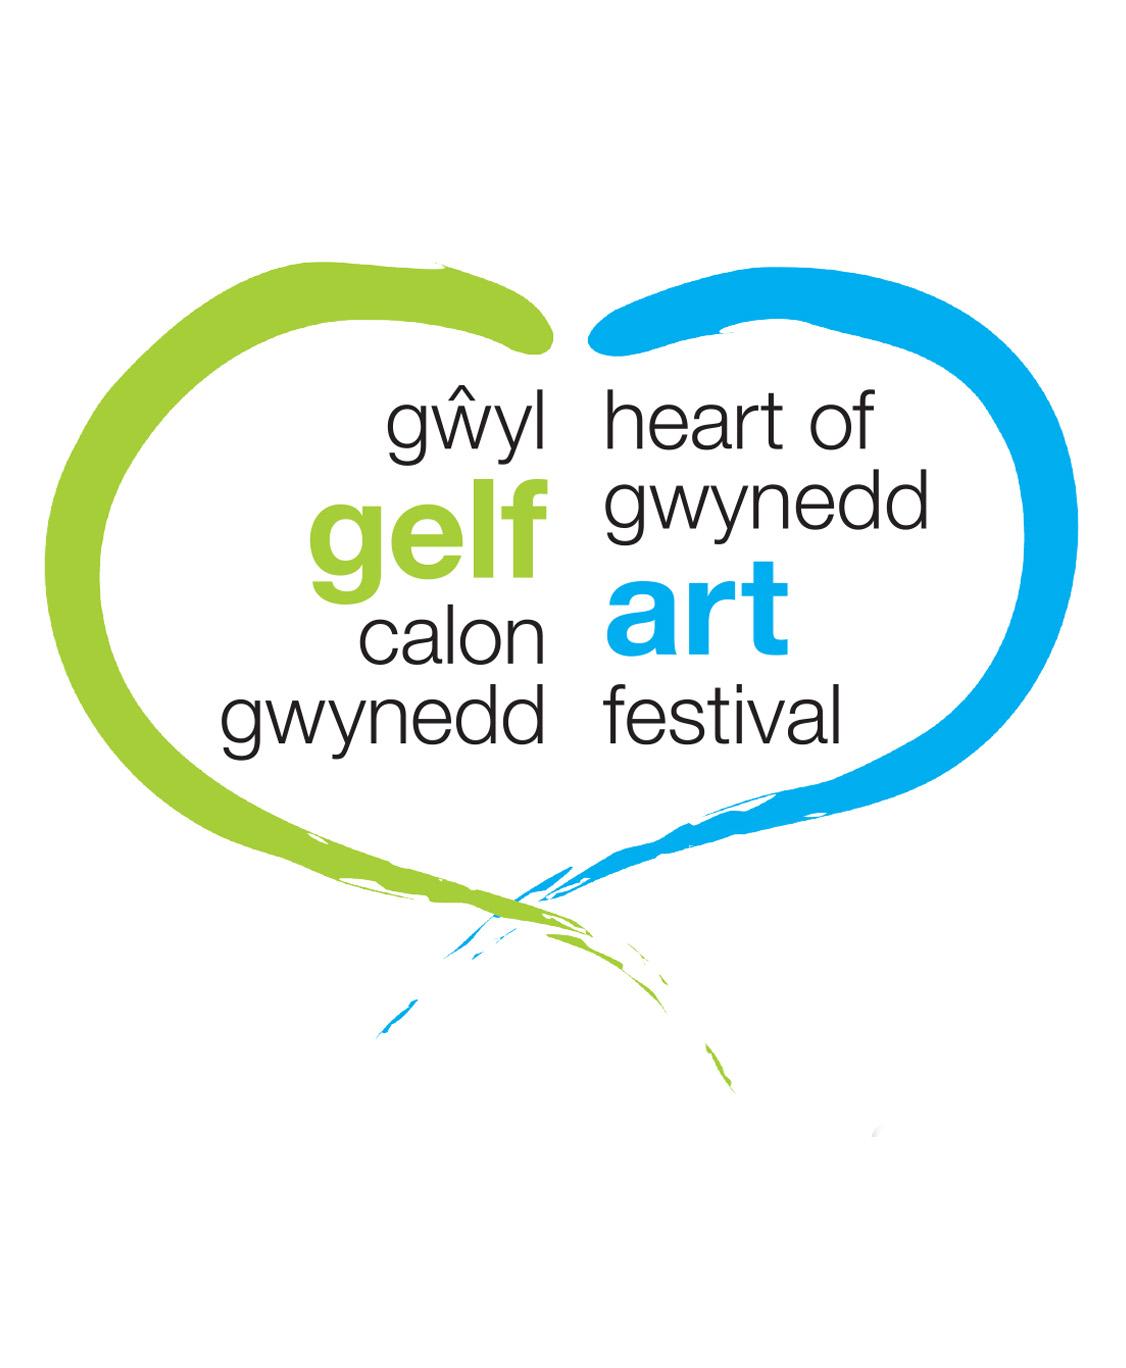 Gwyl Gelf Calon Gwynedd